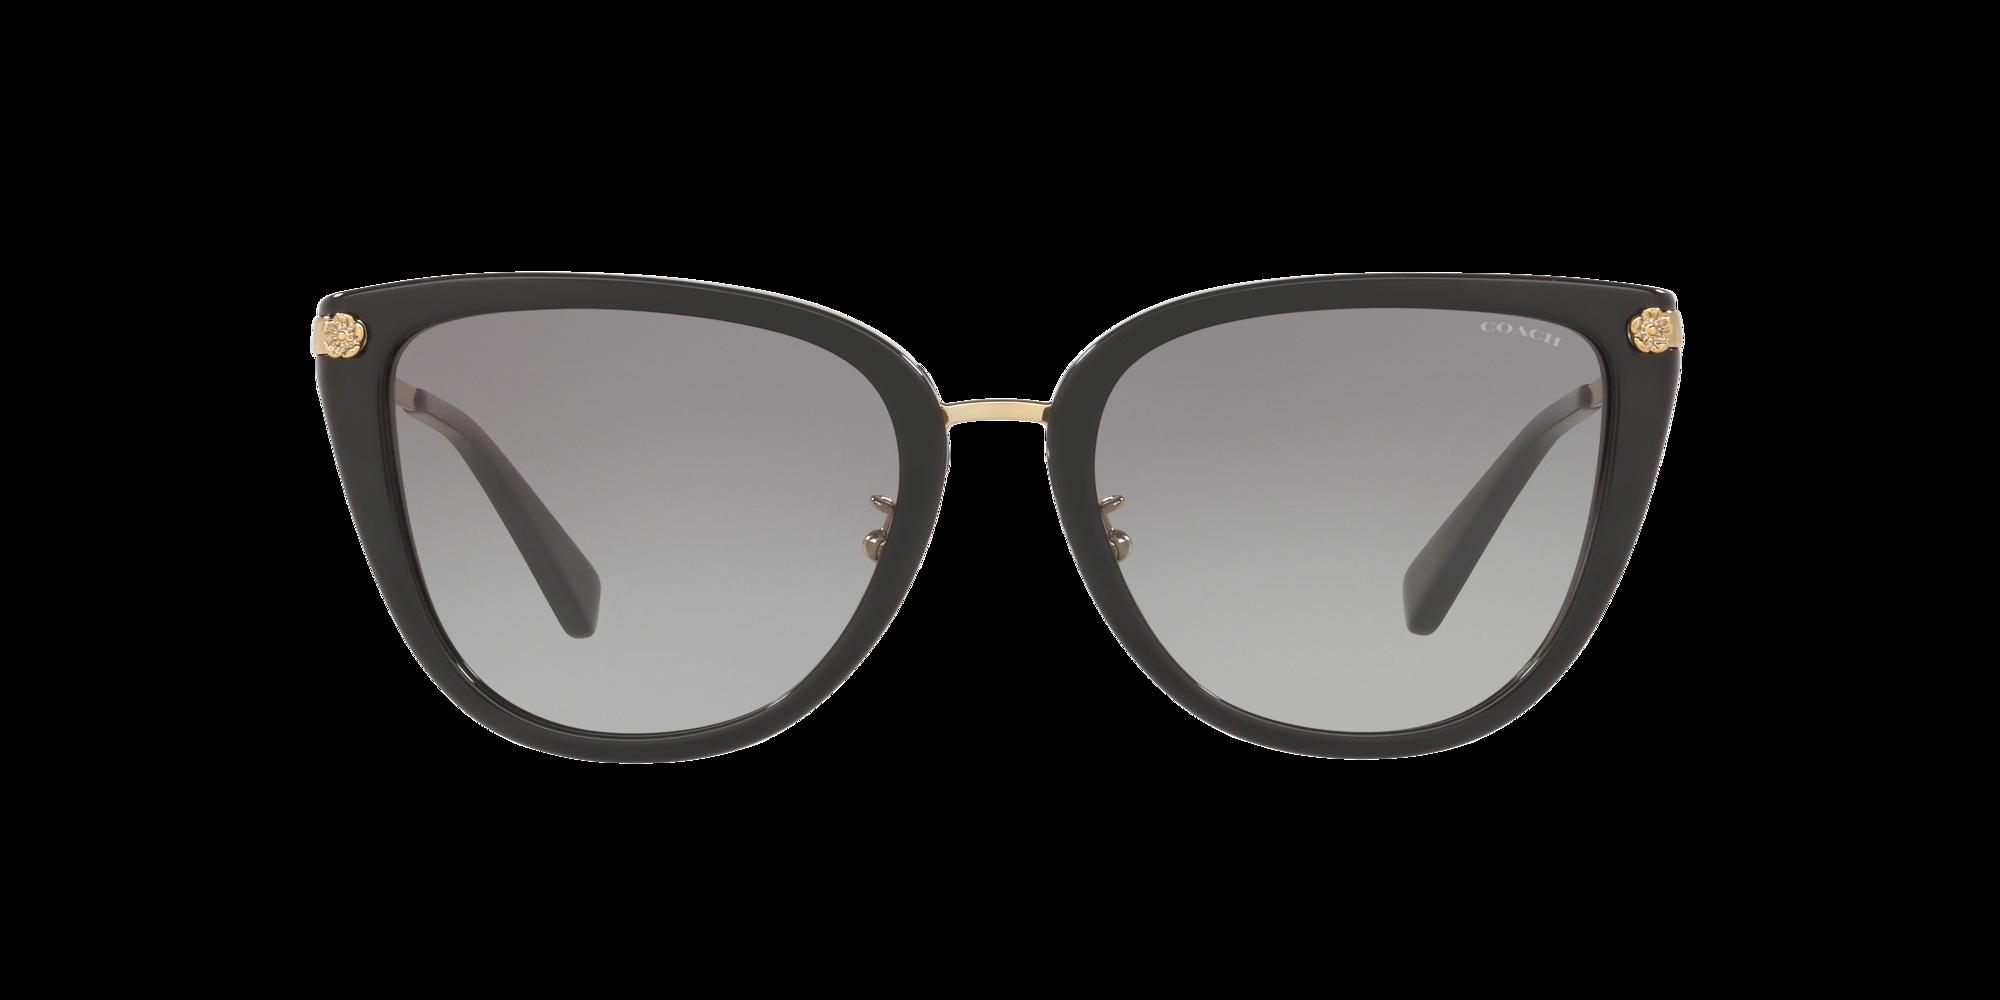 Imagen para HC8276 56 L1099 de LensCrafters |  Espejuelos, espejuelos graduados en línea, gafas